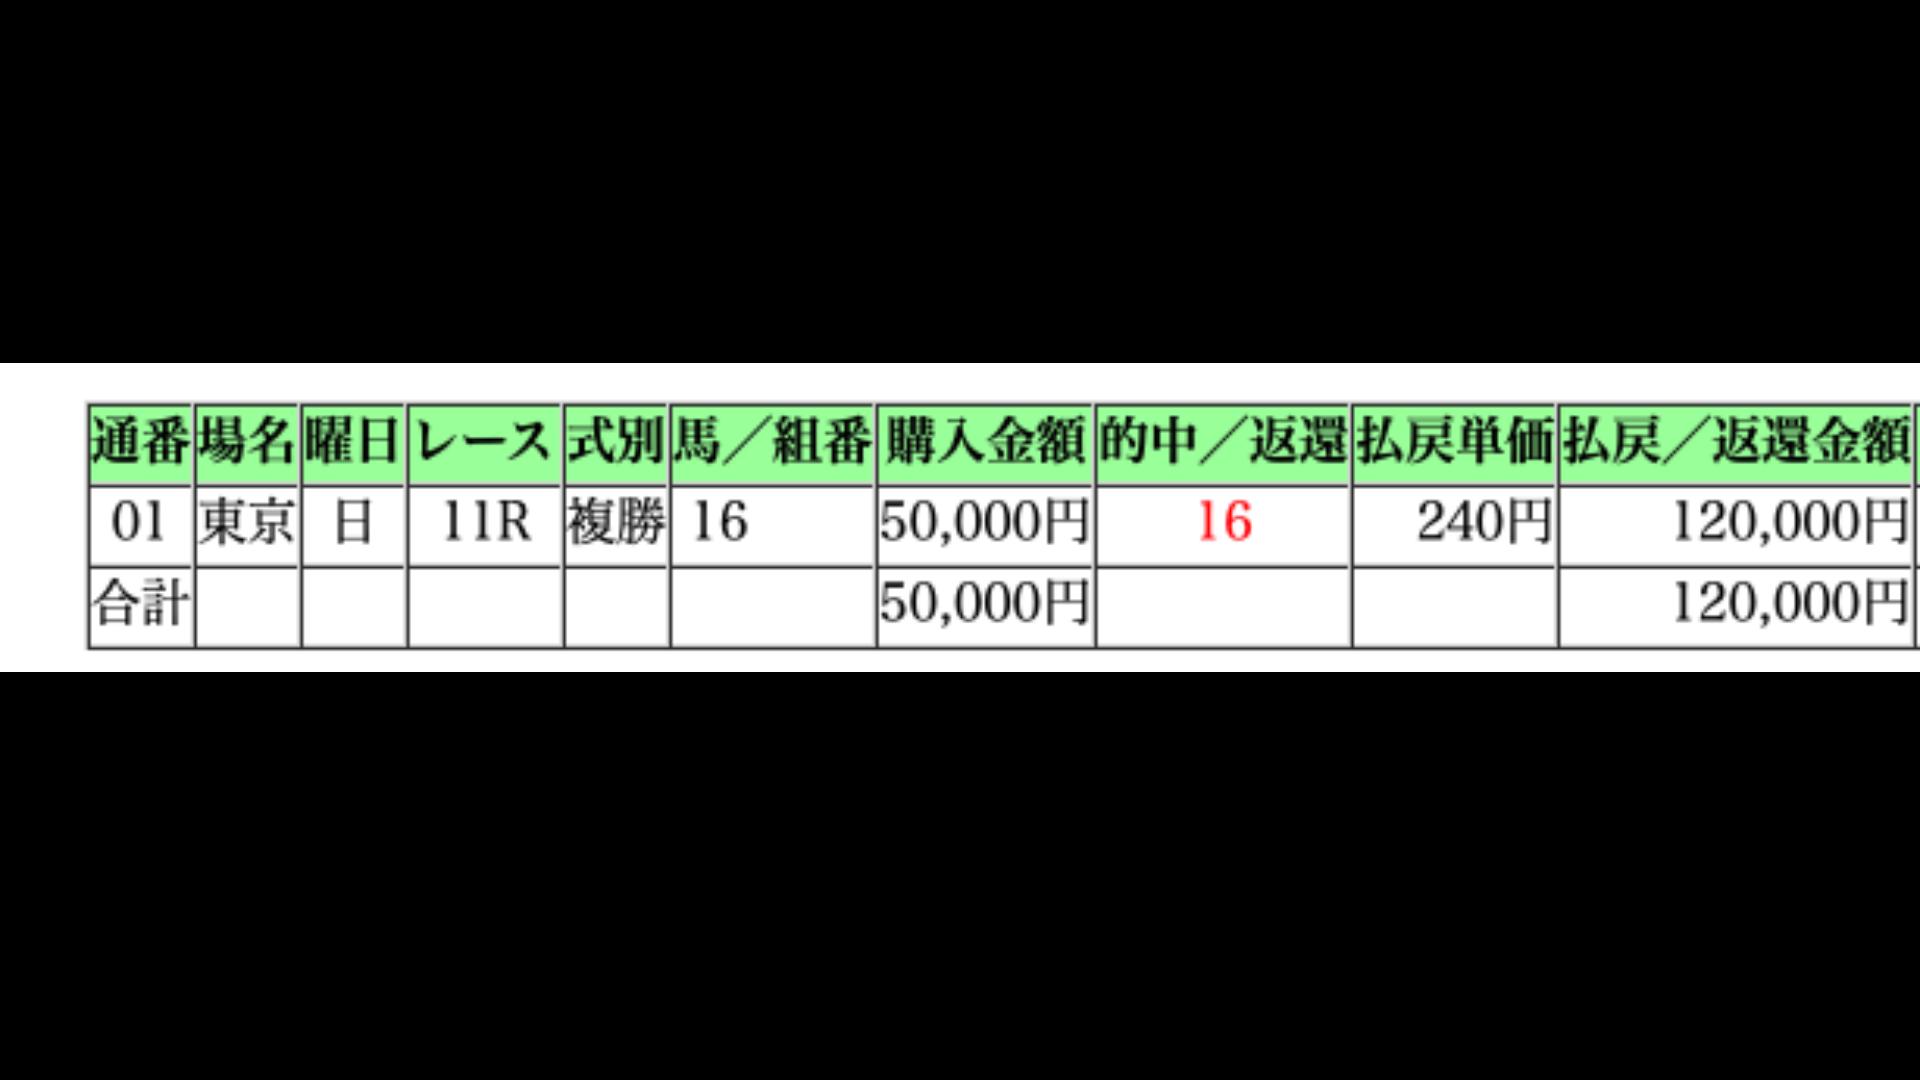 複勝転がし5000円→120000円成功!! - DMM オンラインサロン